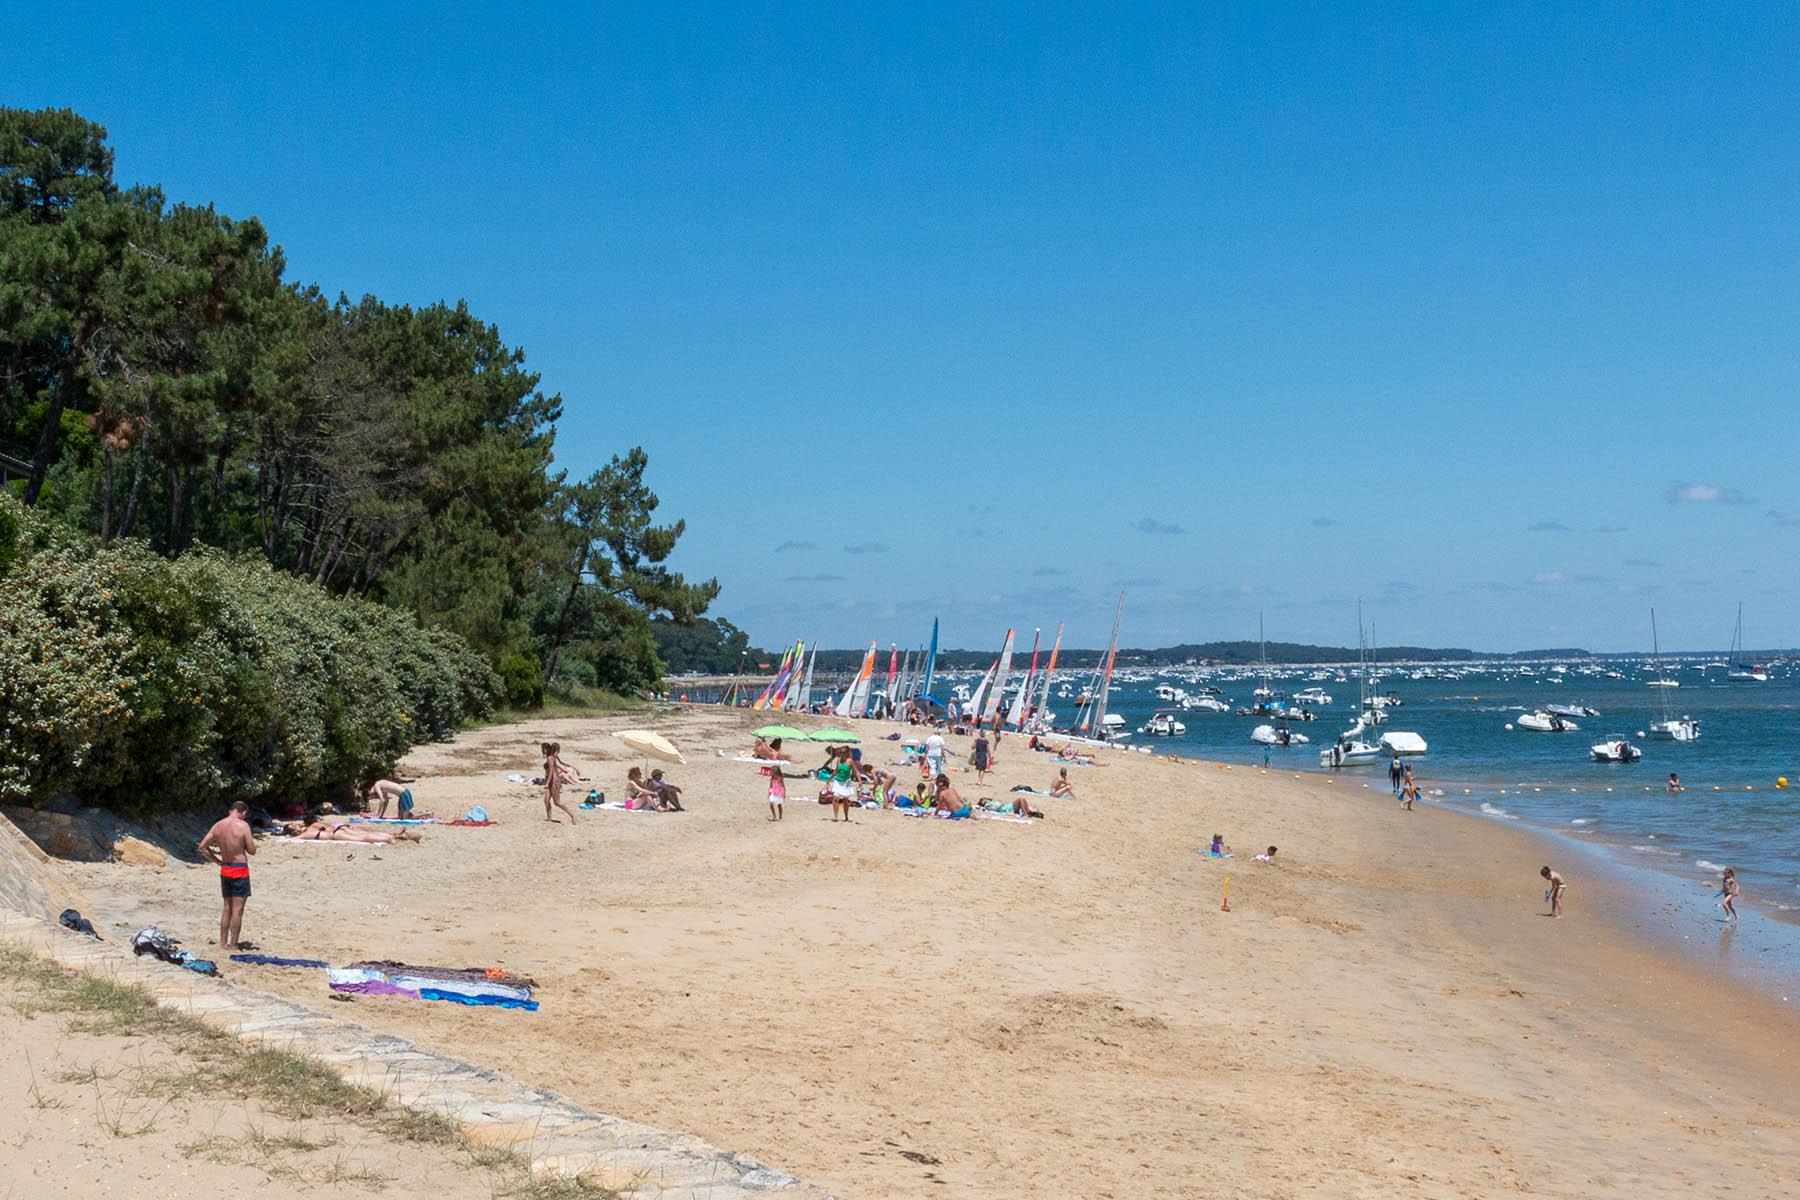 La vigne village du cap ferret infos plages activit s - Restaurant arcachon port de plaisance ...